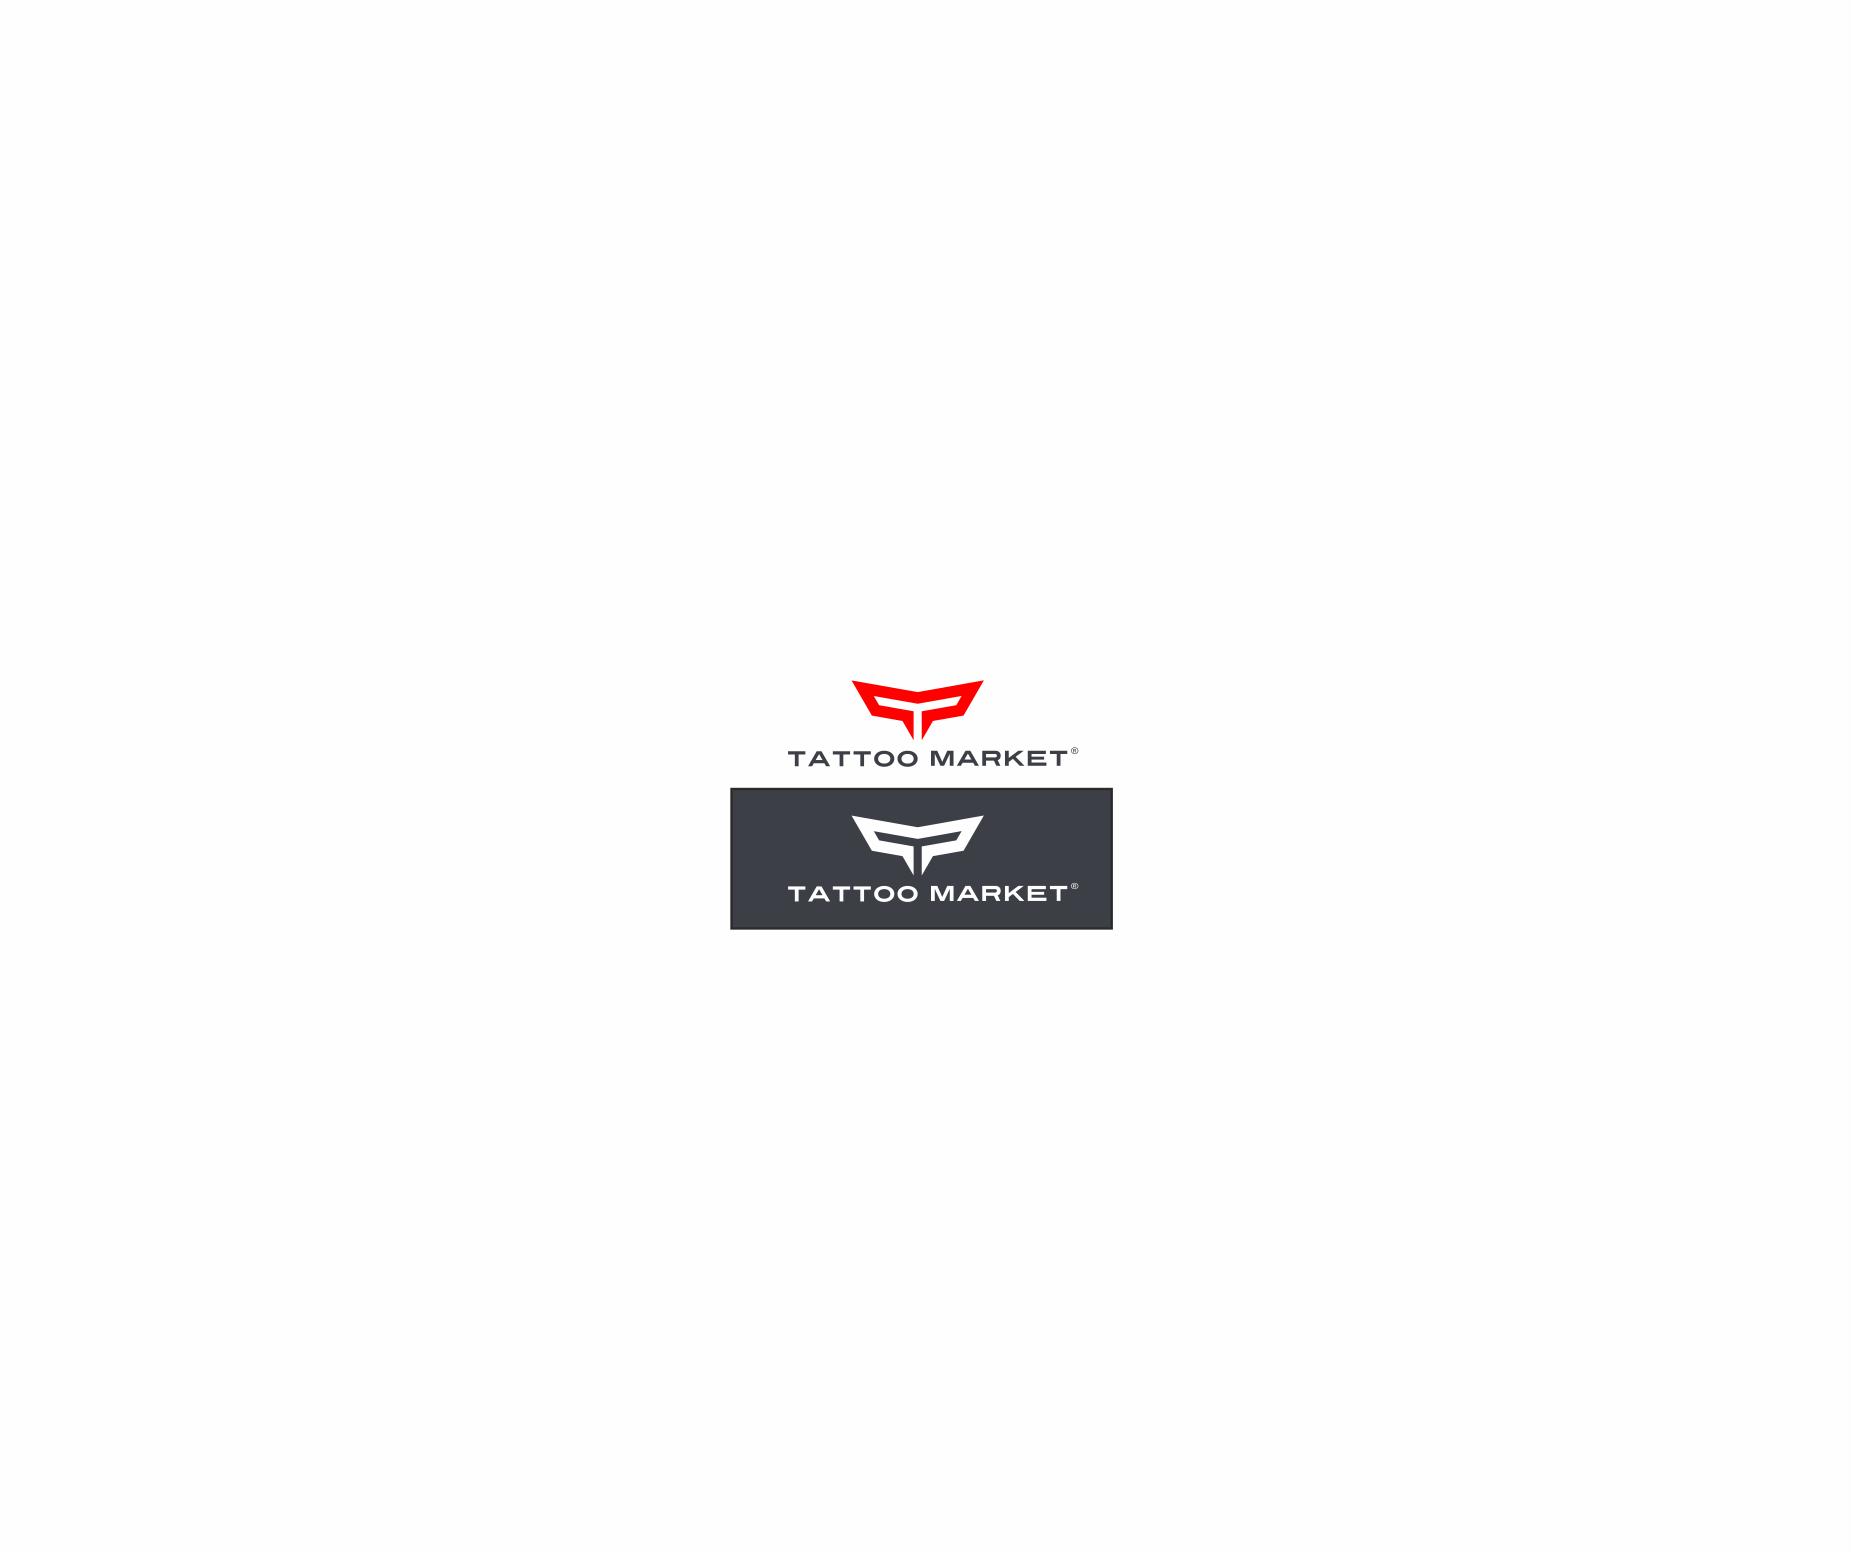 Редизайн логотипа магазина тату оборудования TattooMarket.ru фото f_6415c3f5c72d2ff8.png